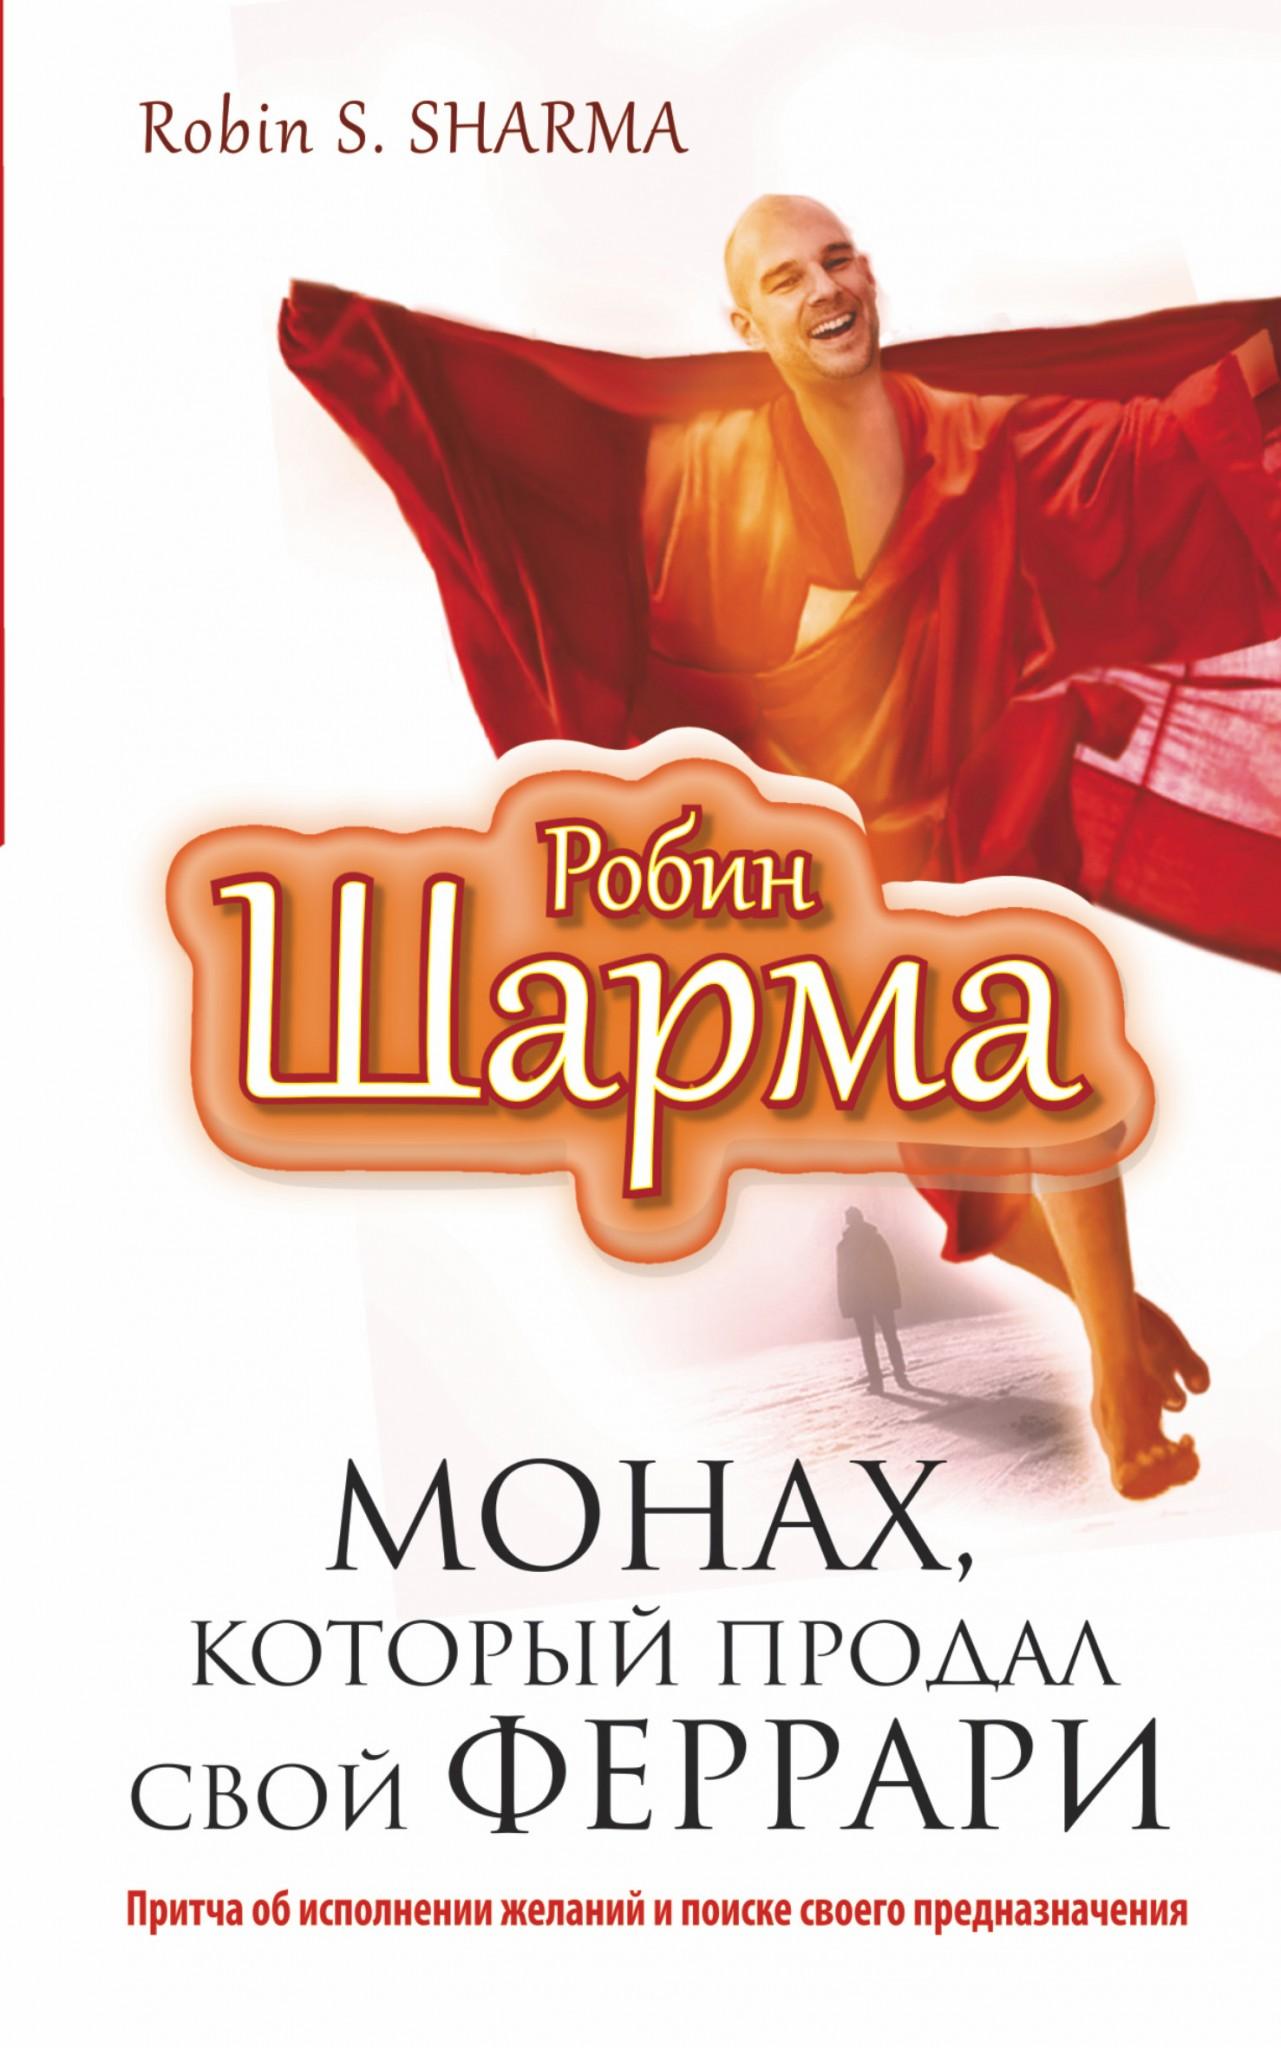 Рецензия – книга Робина Шарма монах, который продал свой «ФЕРРАРИ»